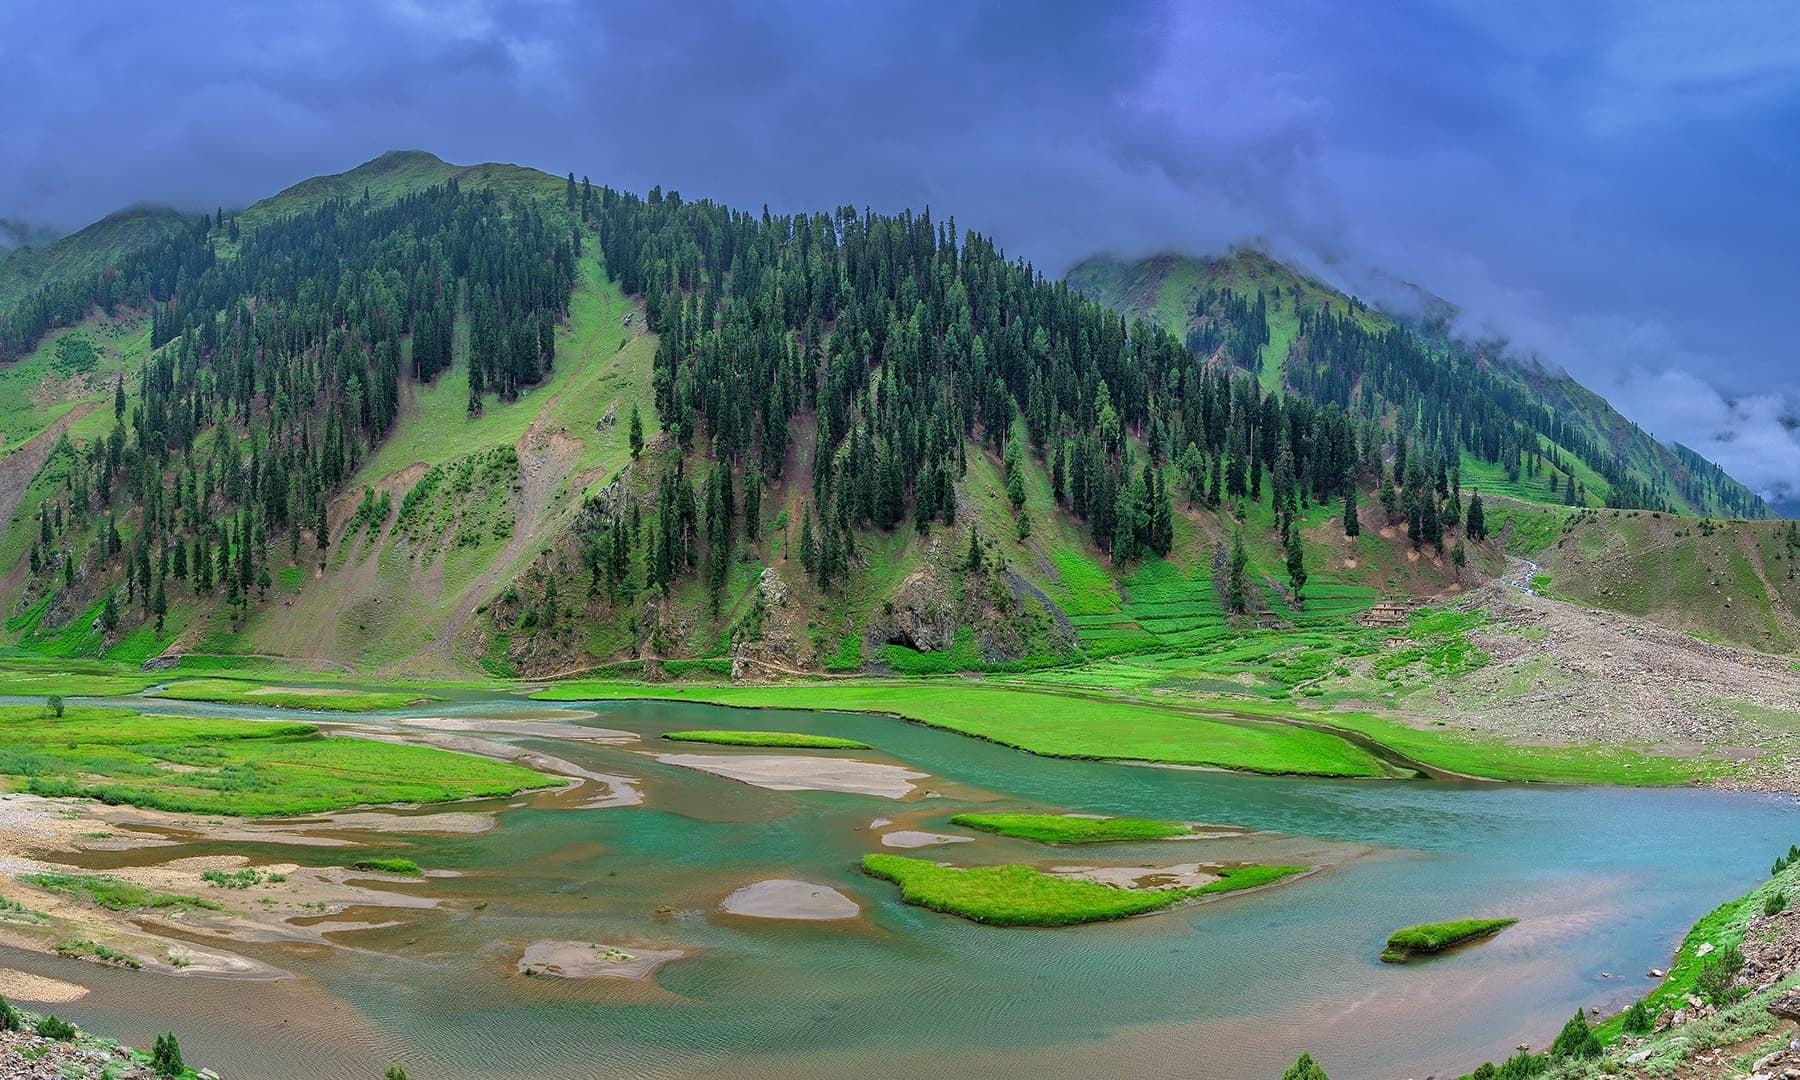 Waterbody in Naran Valley. — Photo by Syed Mehdi Bukhari